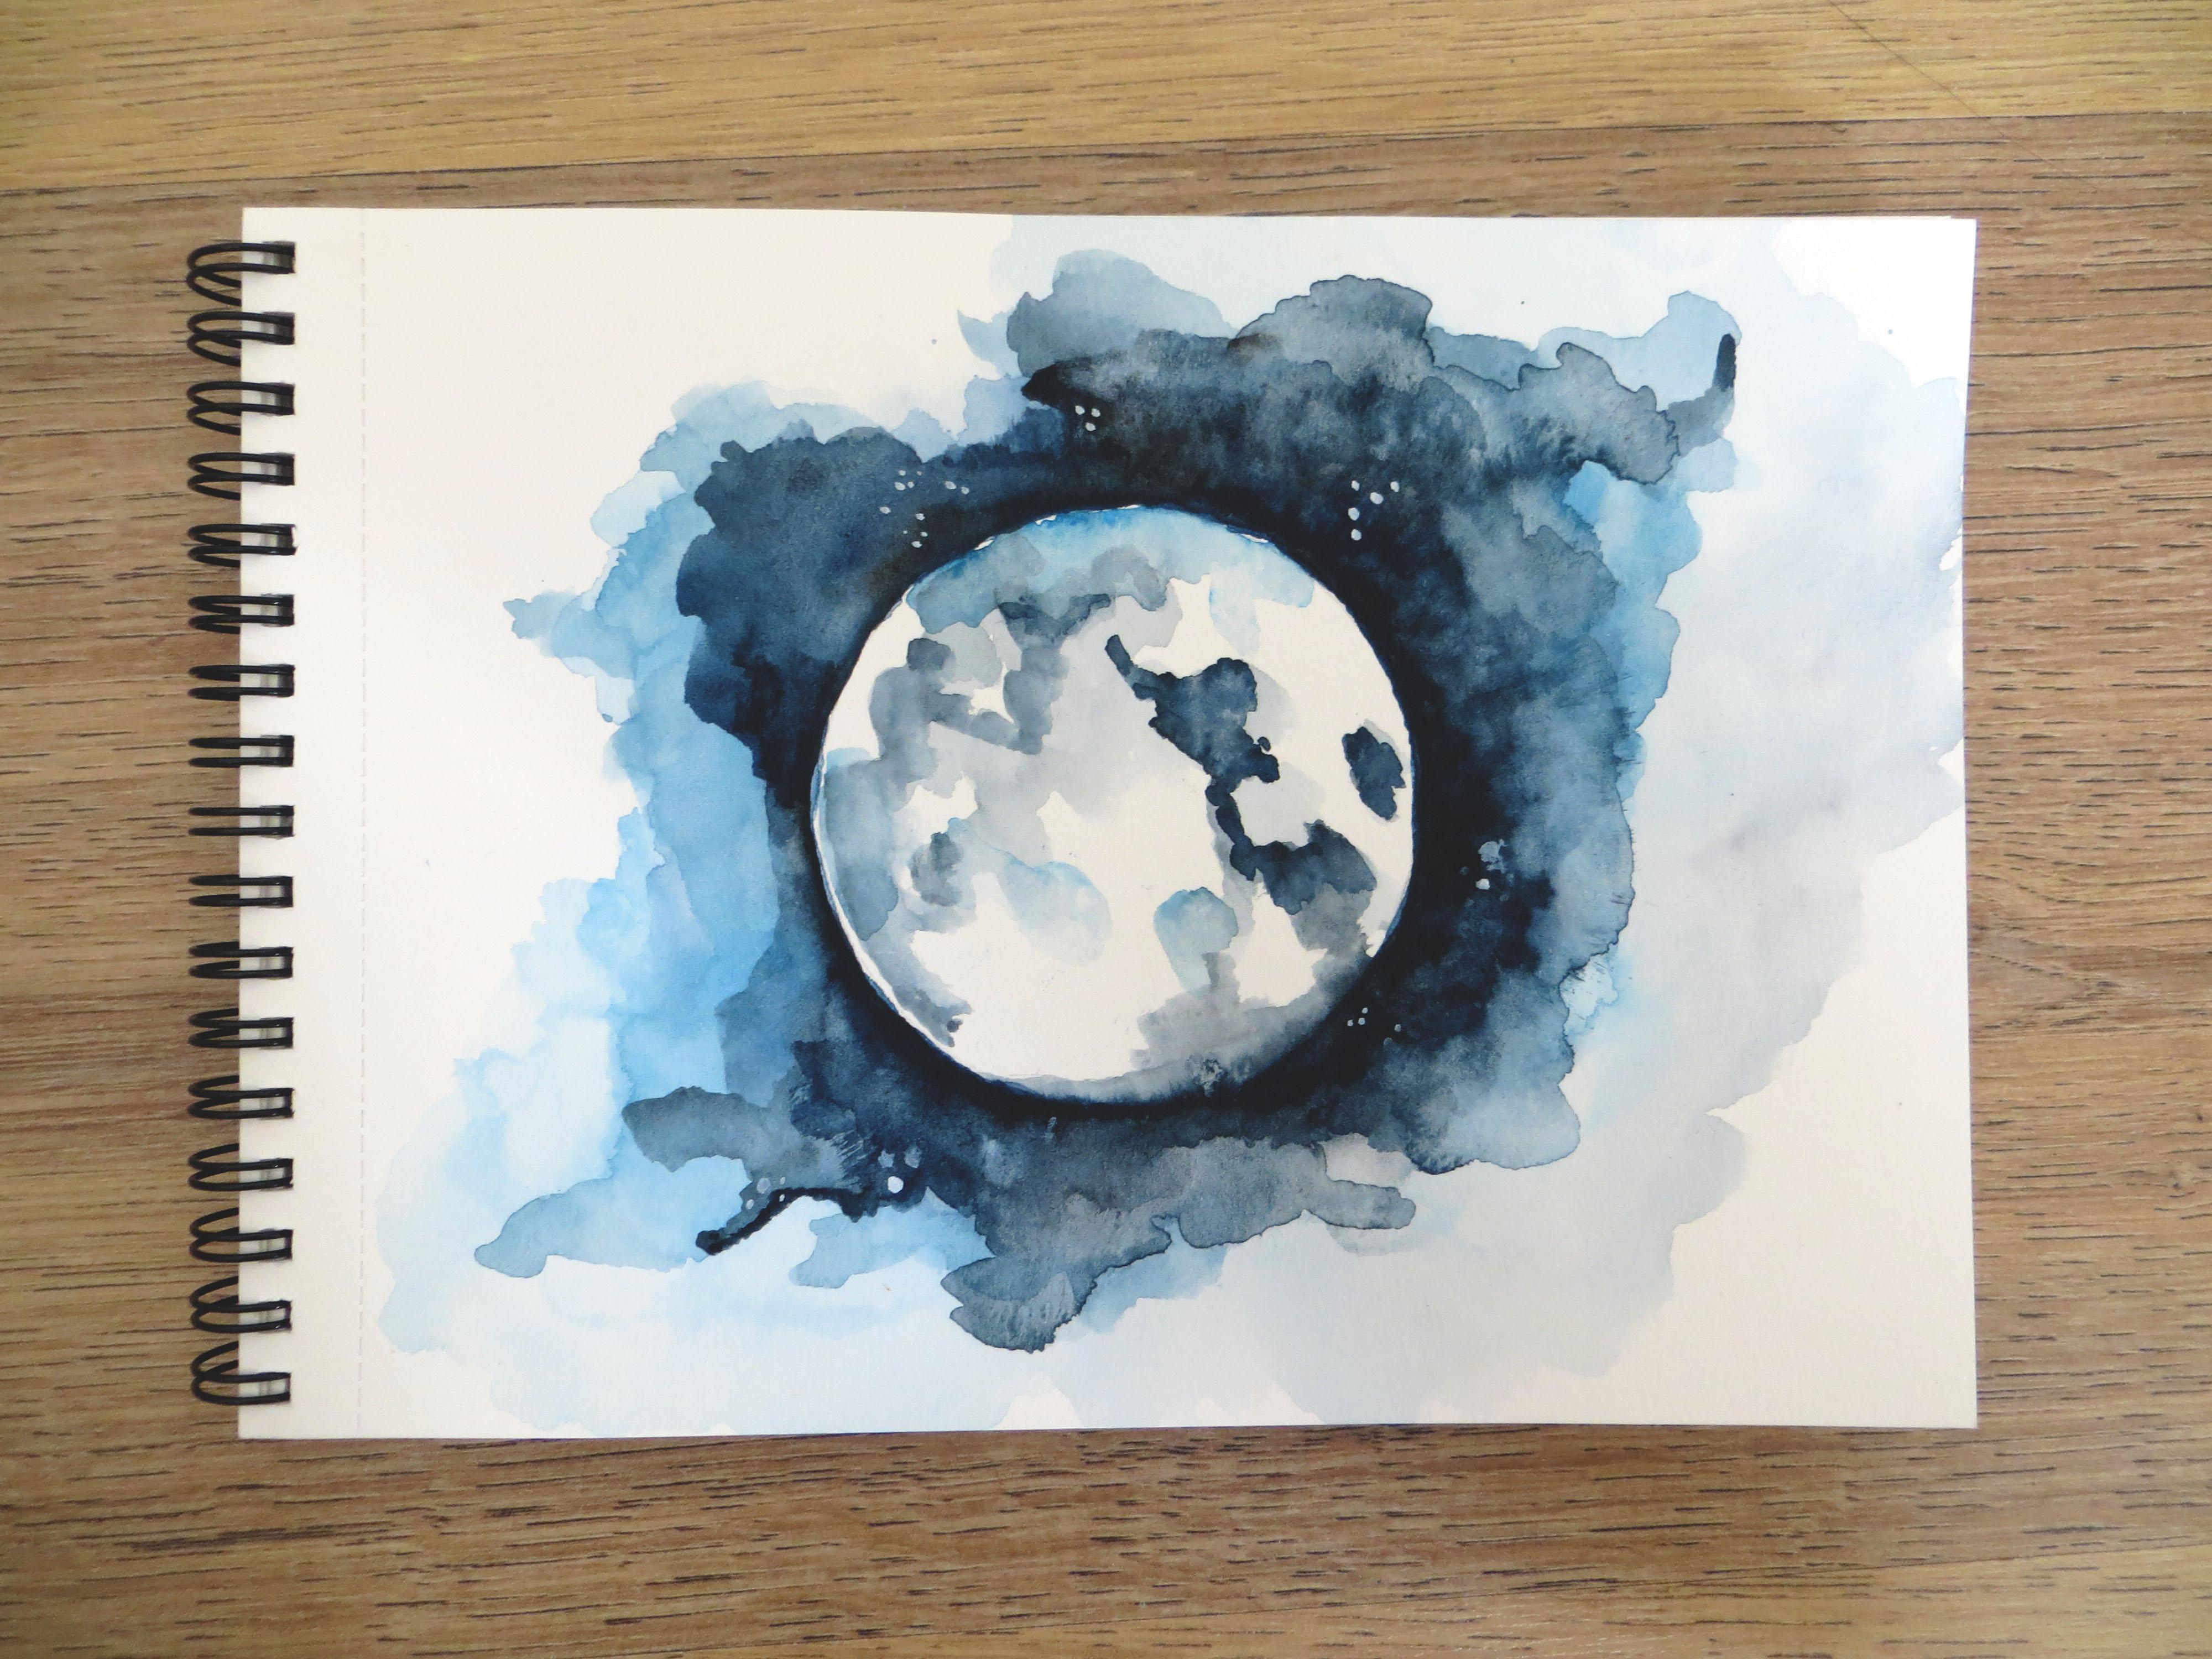 Tutoriel Special Fete De La Lune Realiser Une Lune A L Aquarelle Aline Imagine Aquarelle